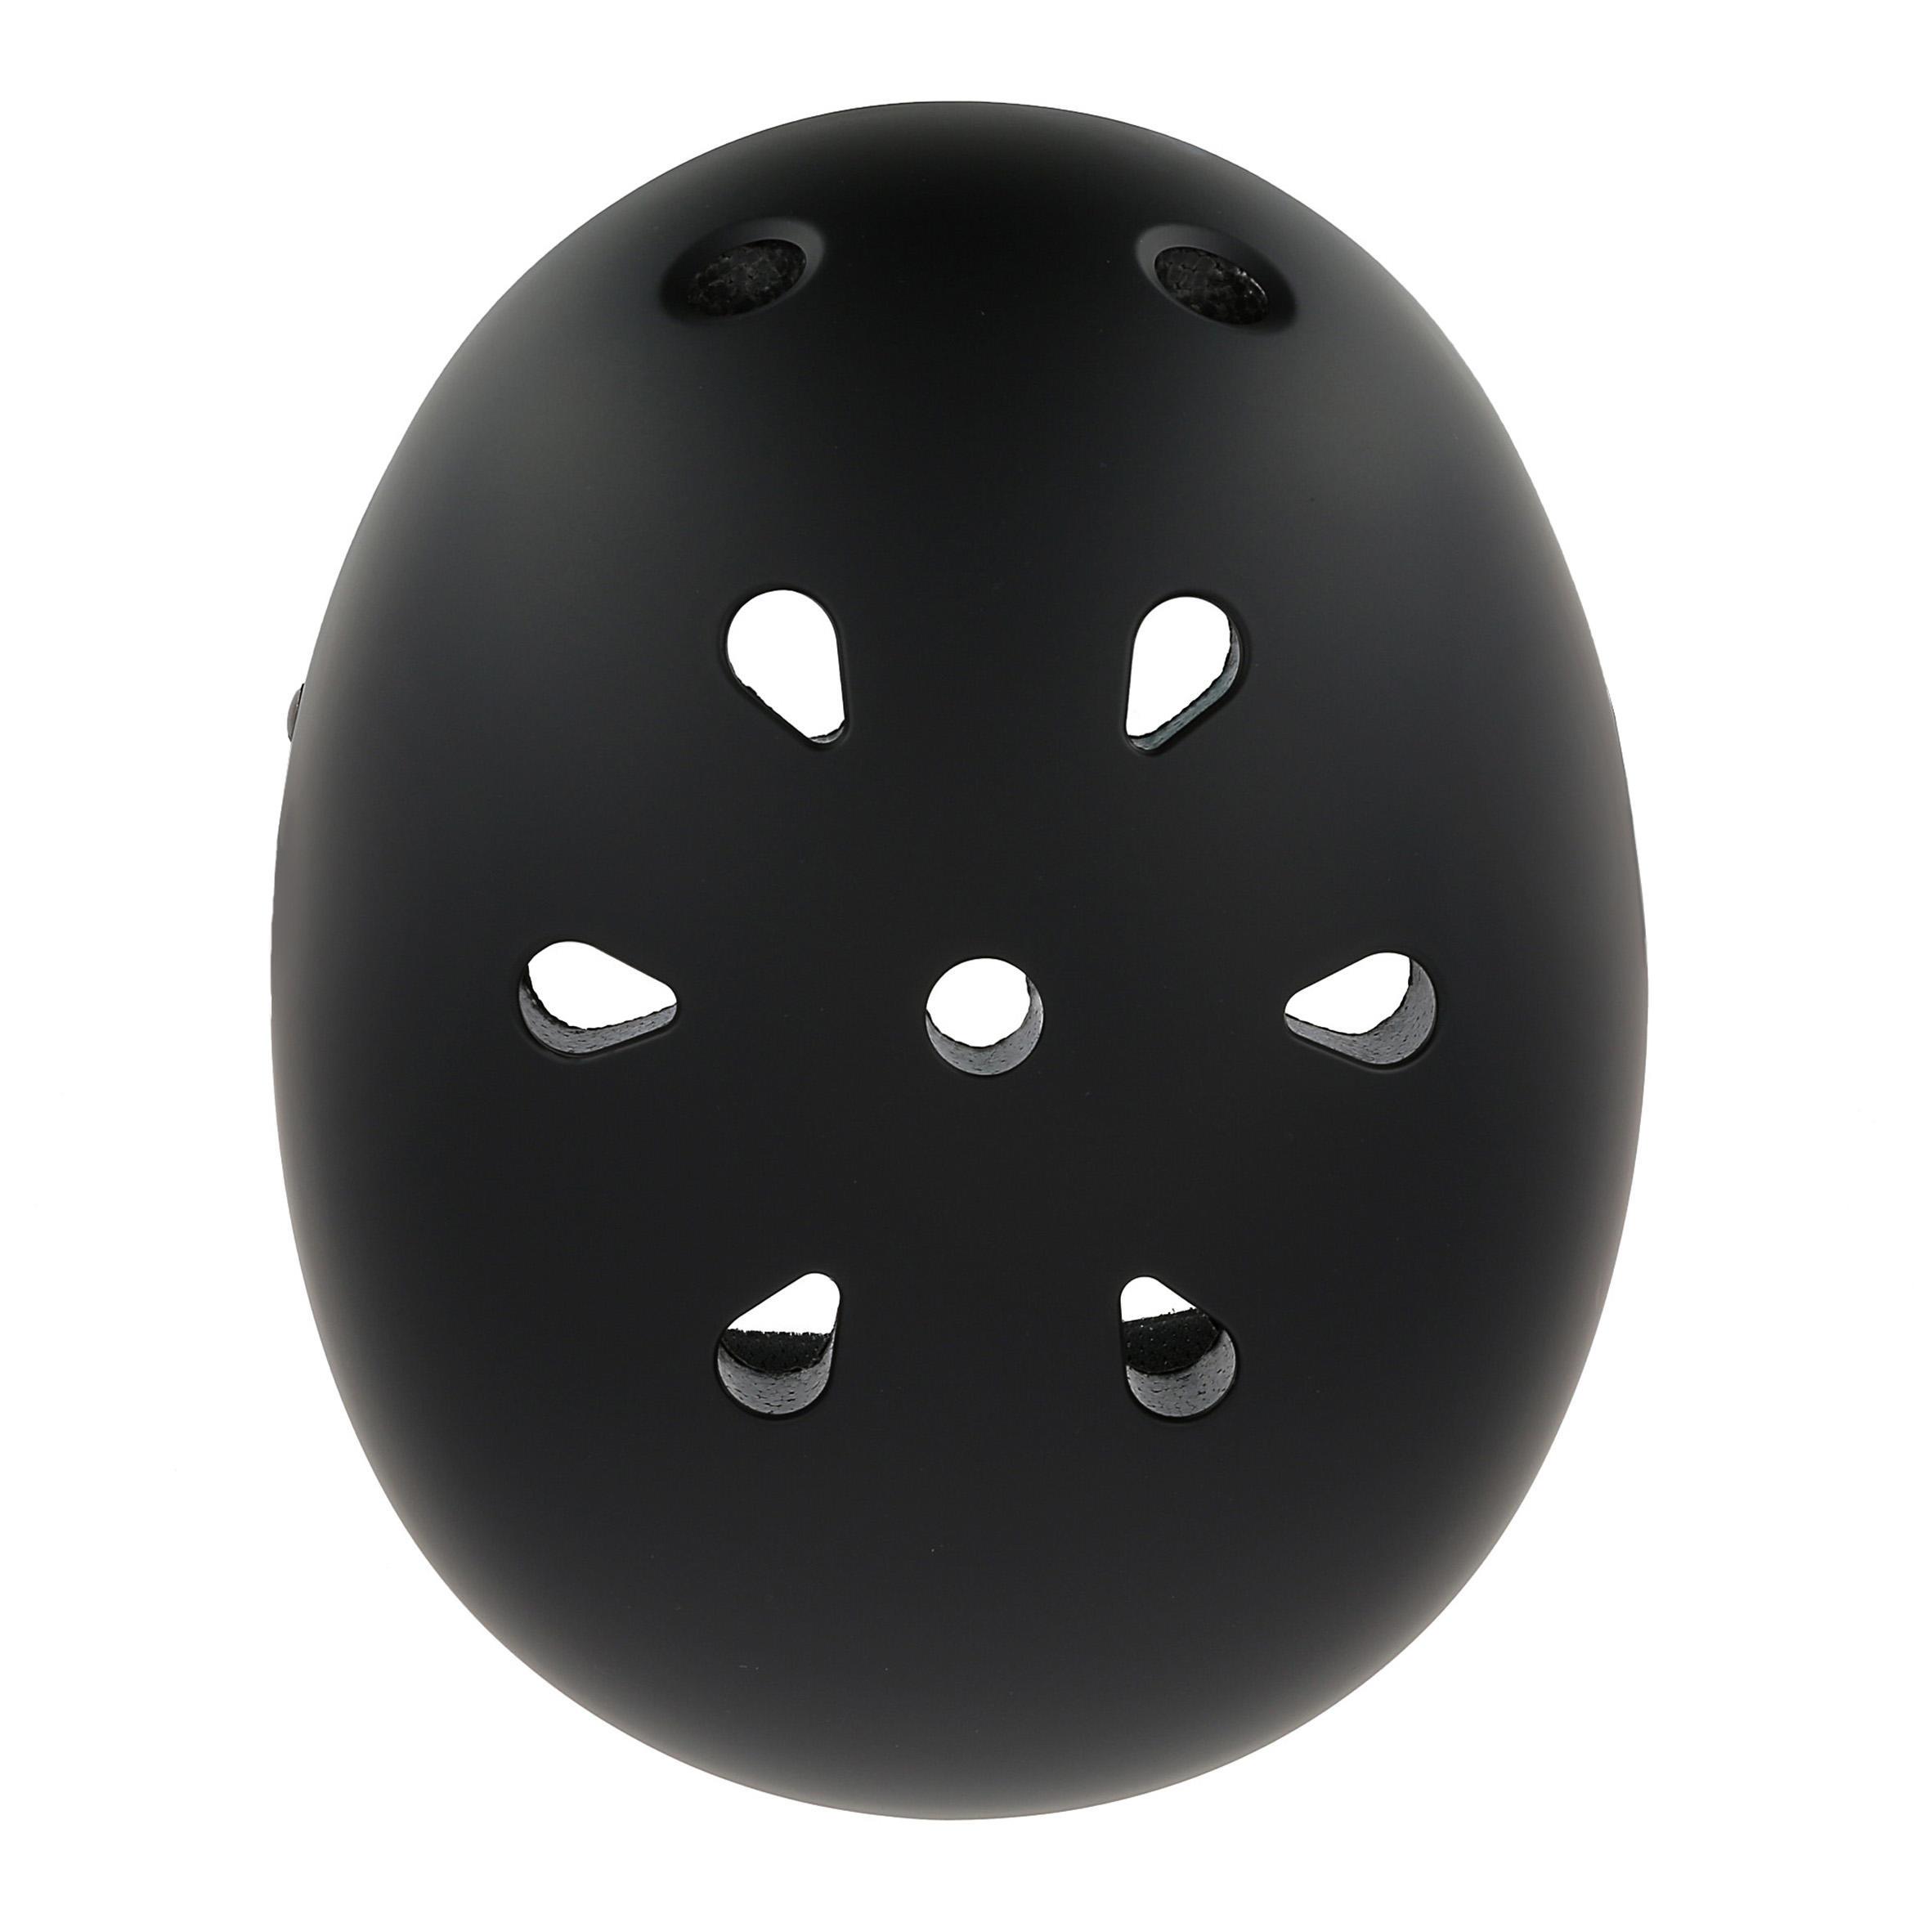 Casque patins à roulettes, planche à roulettes, trottinette, vélo PLAY 5 noir